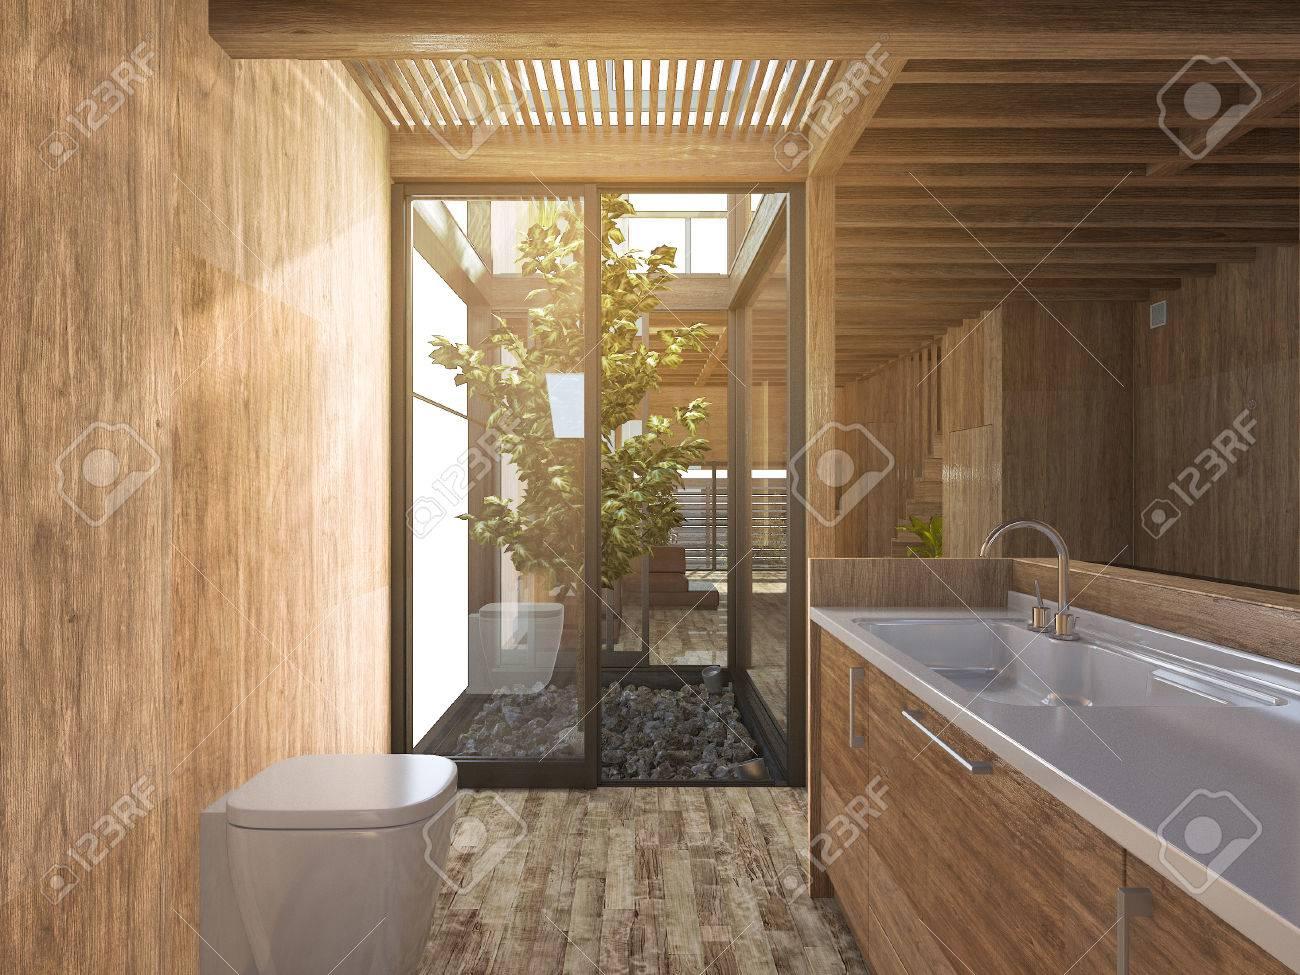 3d, Das Hölzernes Badezimmer Nahe Japanischem Zen Steingarten Im Hölzernen  Haus überträgt Standard